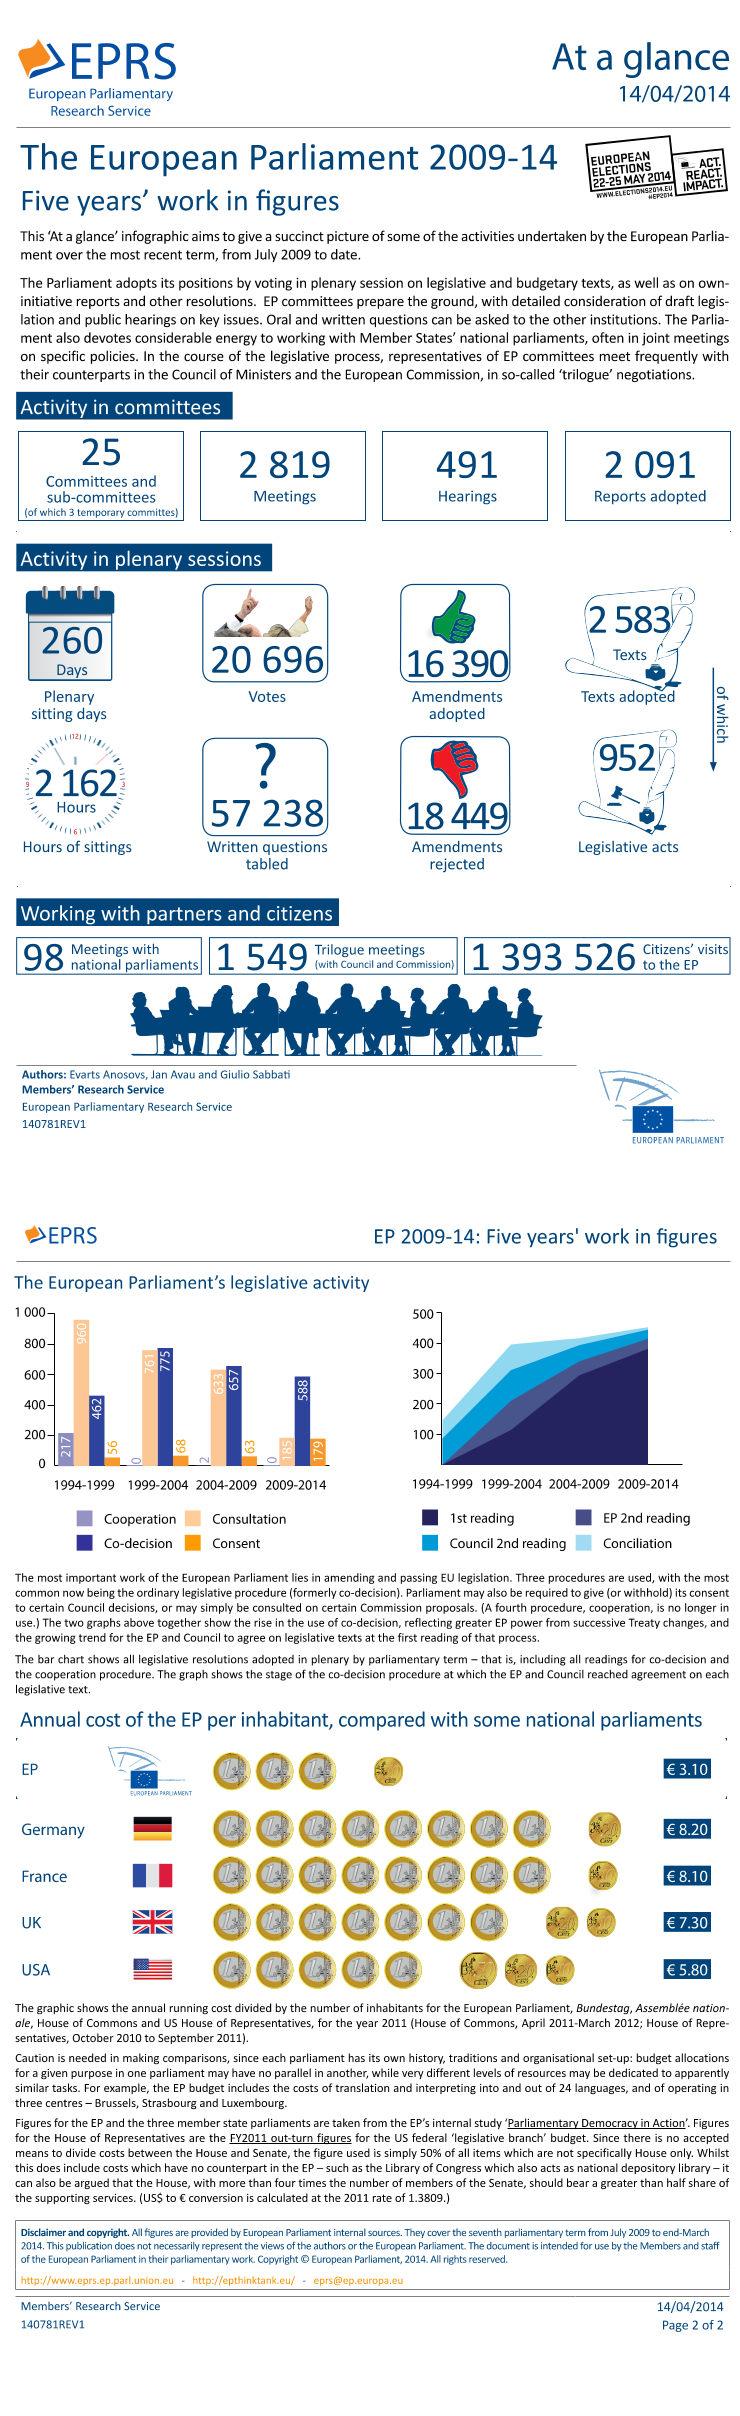 European Parliament 2009-14